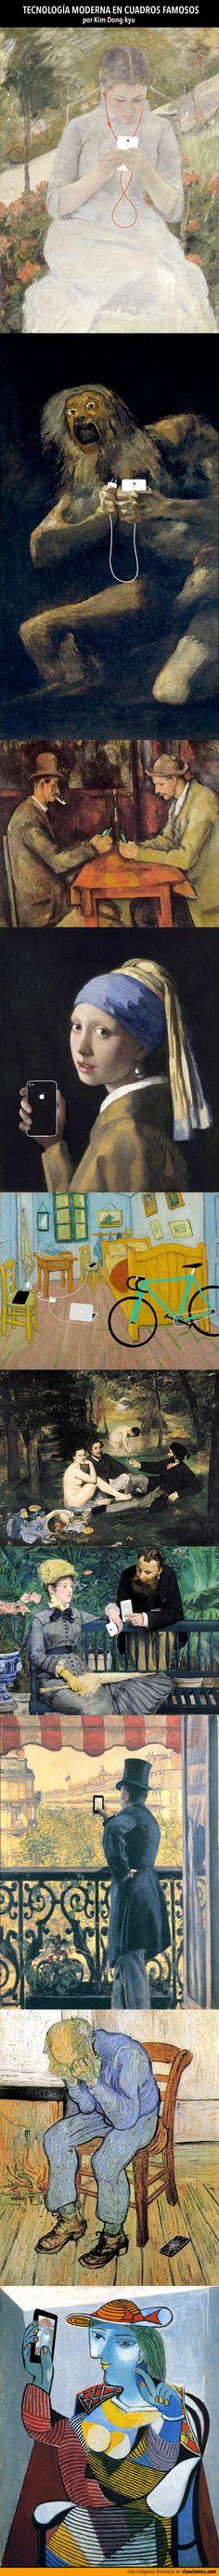 Tecnología moderna en cuadros famosos.  Imágenes por Kim Dong-kyu.